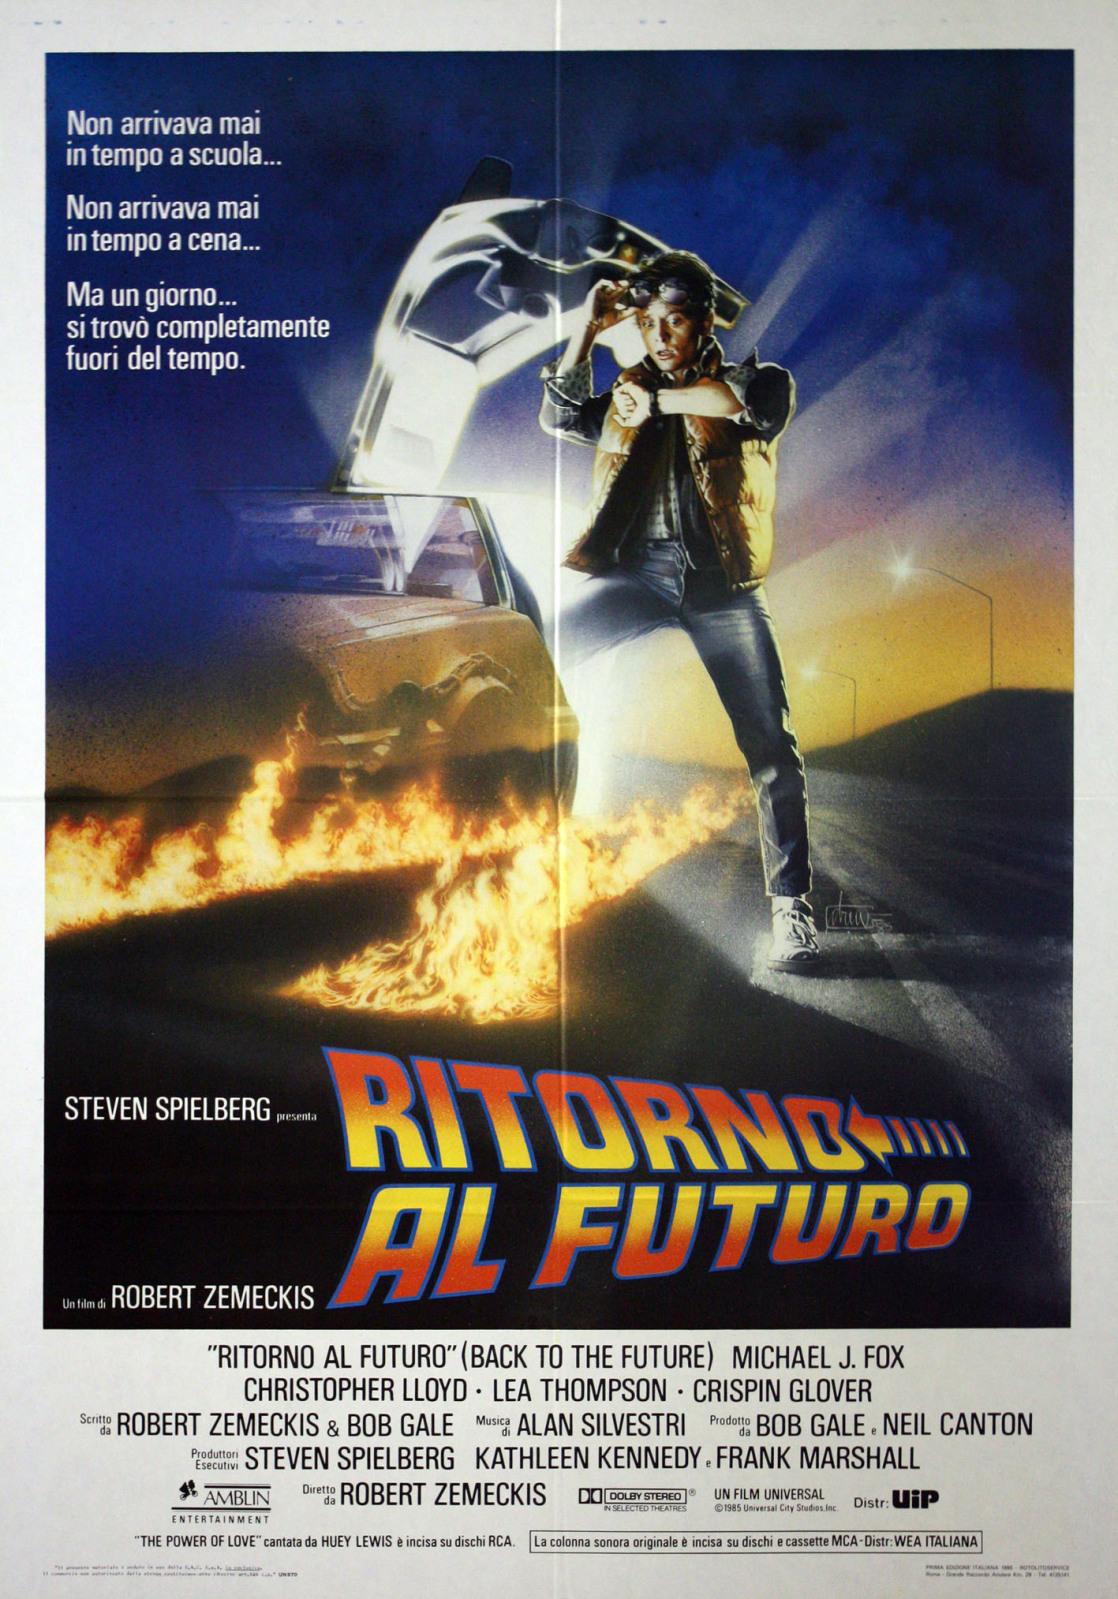 Il poster originale del film, lo stesso che oggi tengo appeso in salotto.